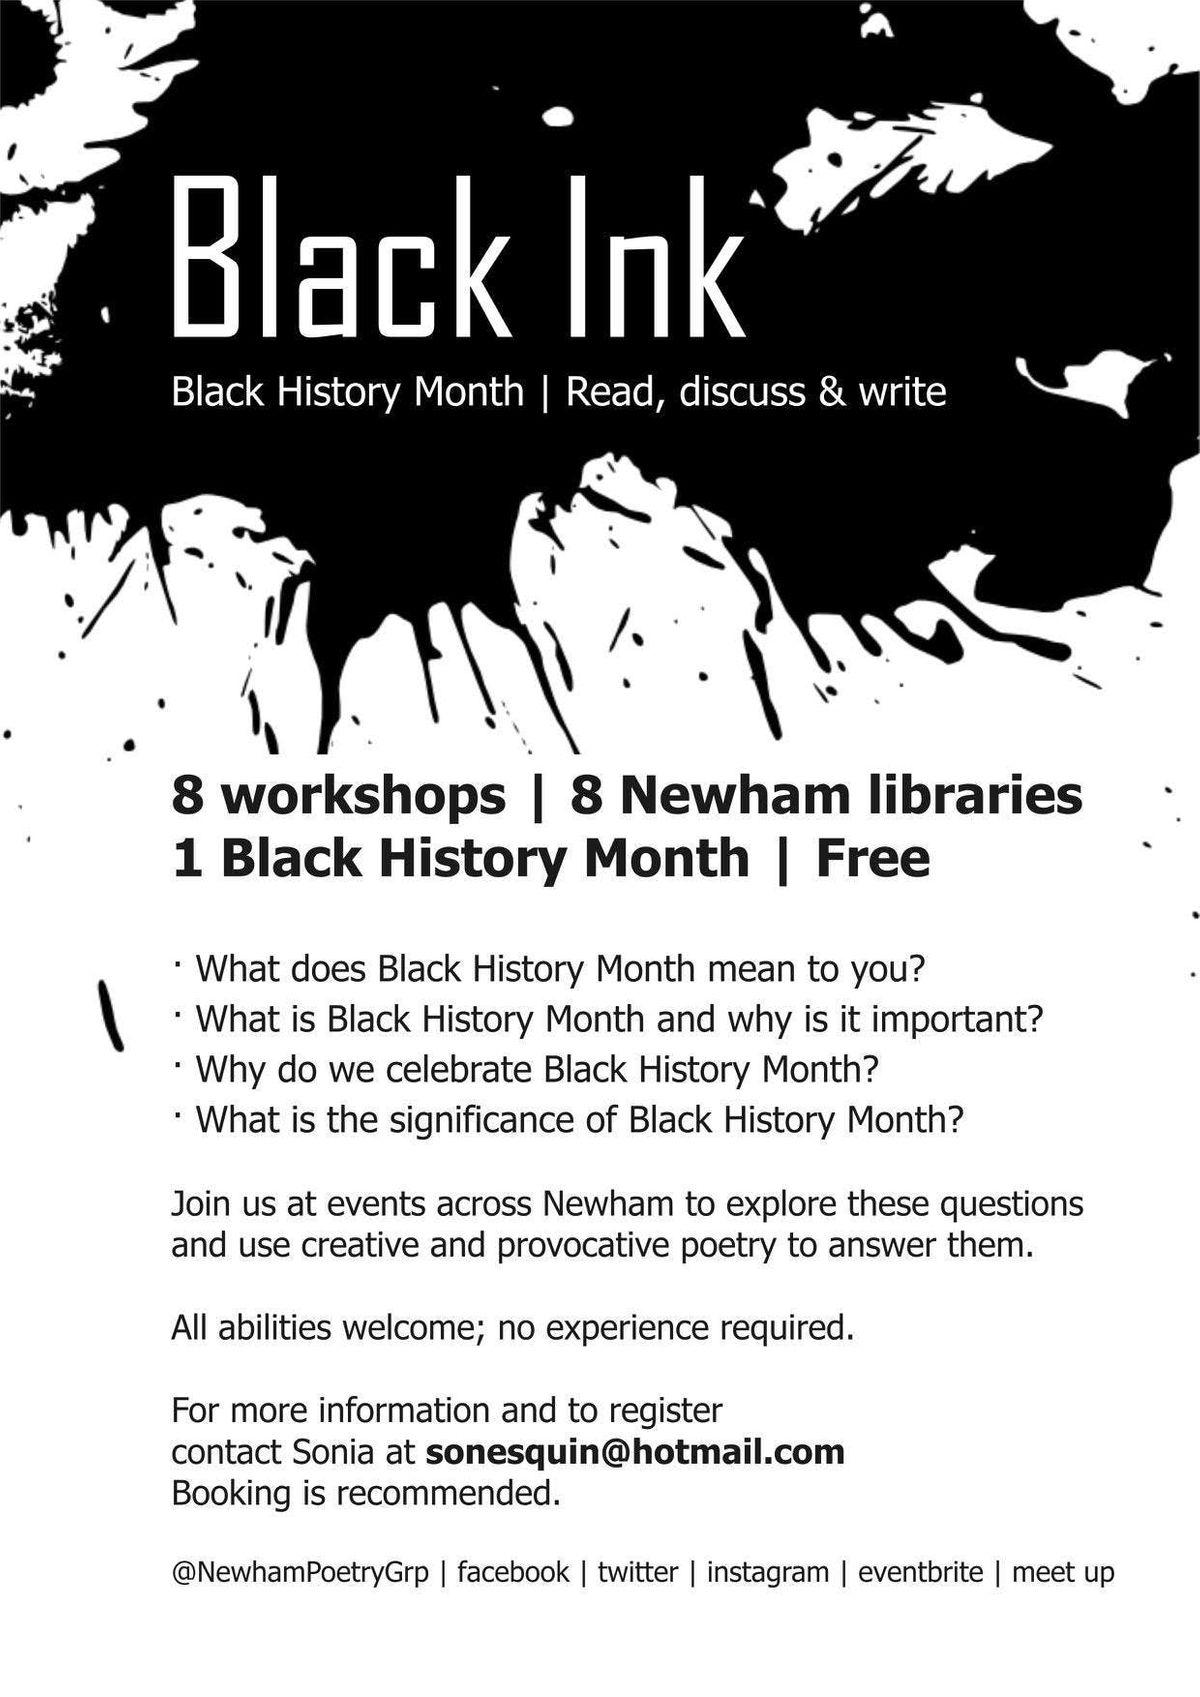 Black Ink - Celebration of Black History Month